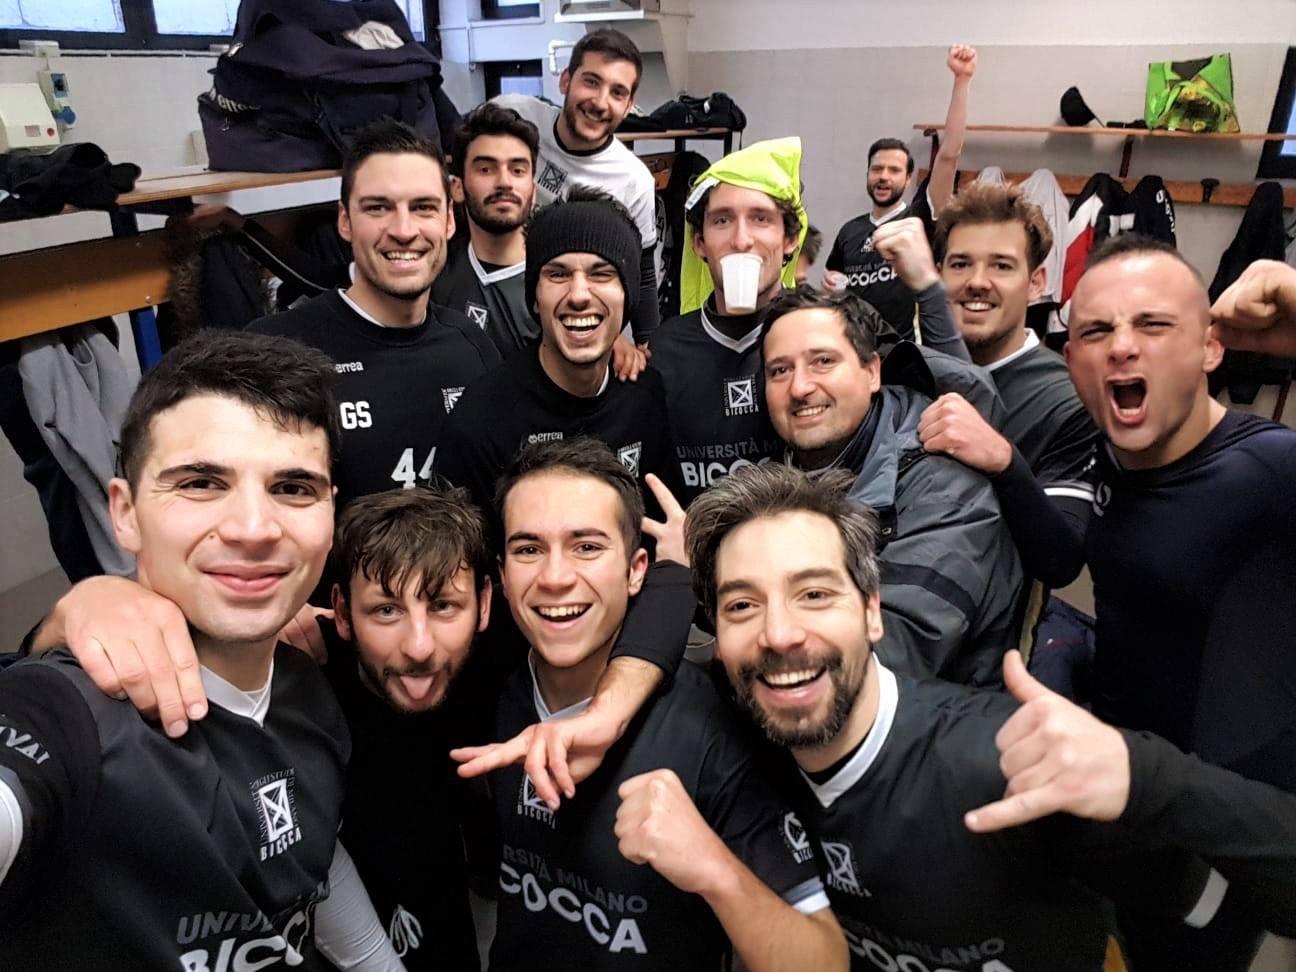 Sporting Cinisello 0-2 CUS Bicocca (2)